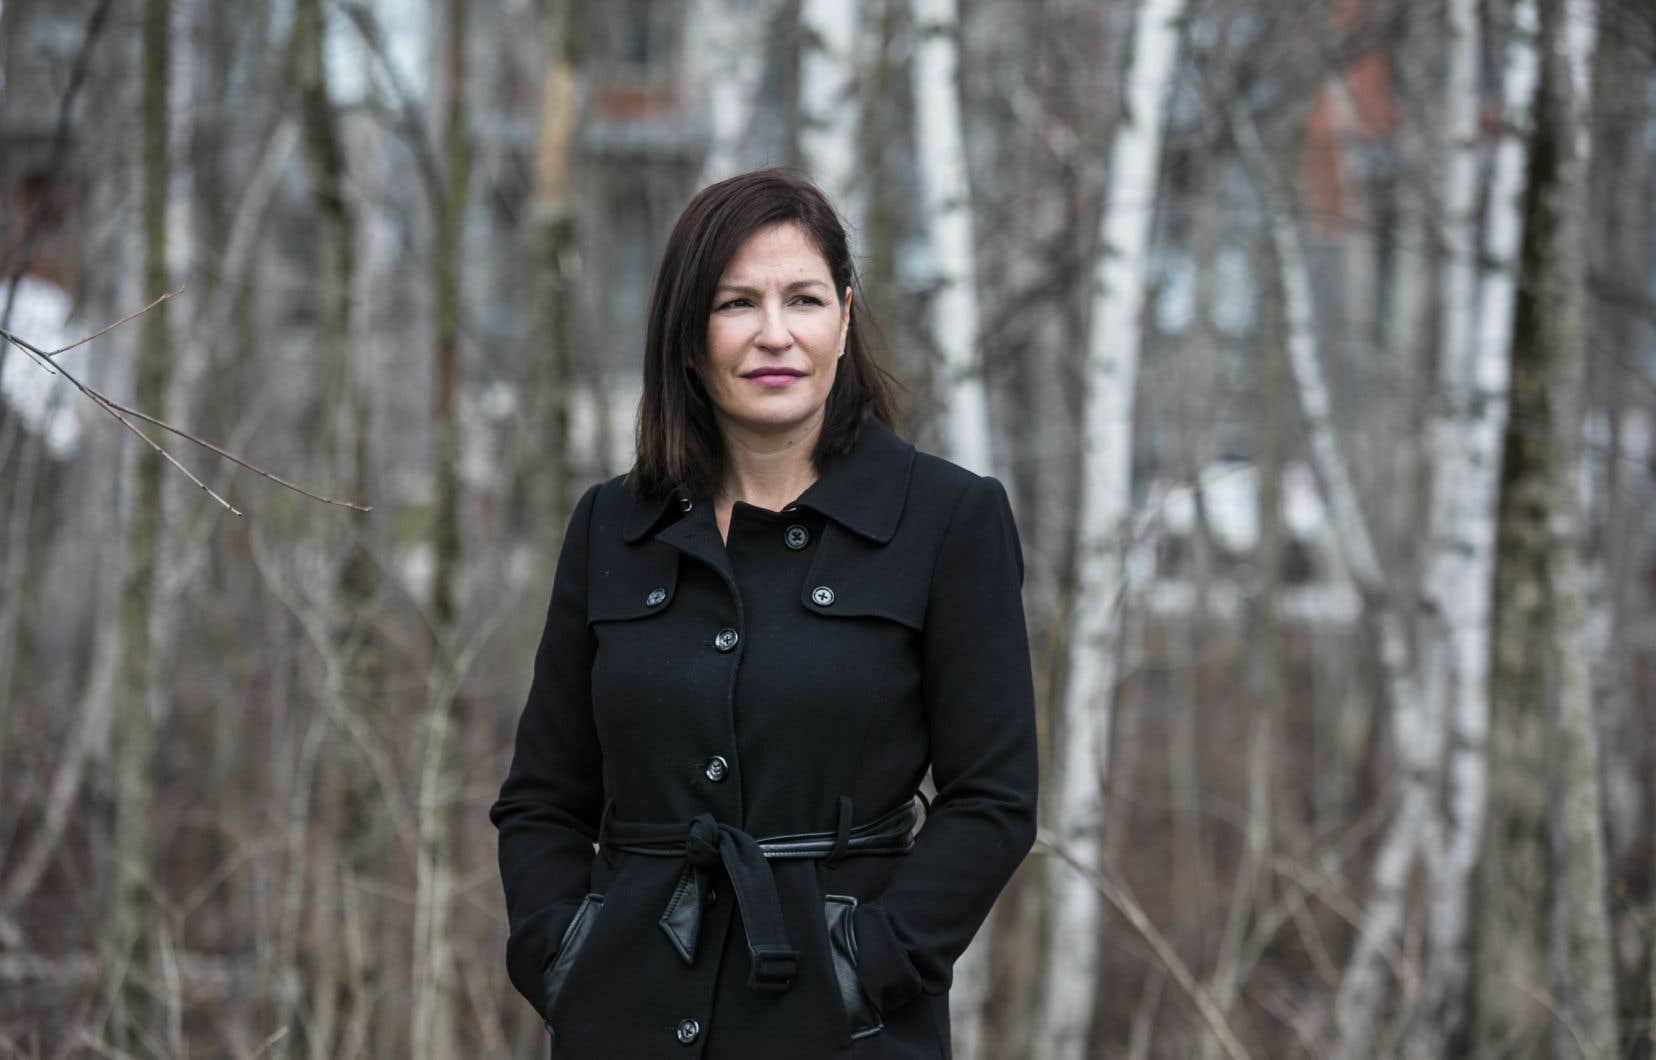 «De manière plus générale, c'est d'être capable d'activer tous les mécanismes qui vont permettre aux Autochtones d'être mieux représentés et de façon plus juste à Radio-Canada, autant sur le plan de l'information que dans la section divertissement et fictions», explique Isabelle Picard, qui sera en poste le 4 mai.